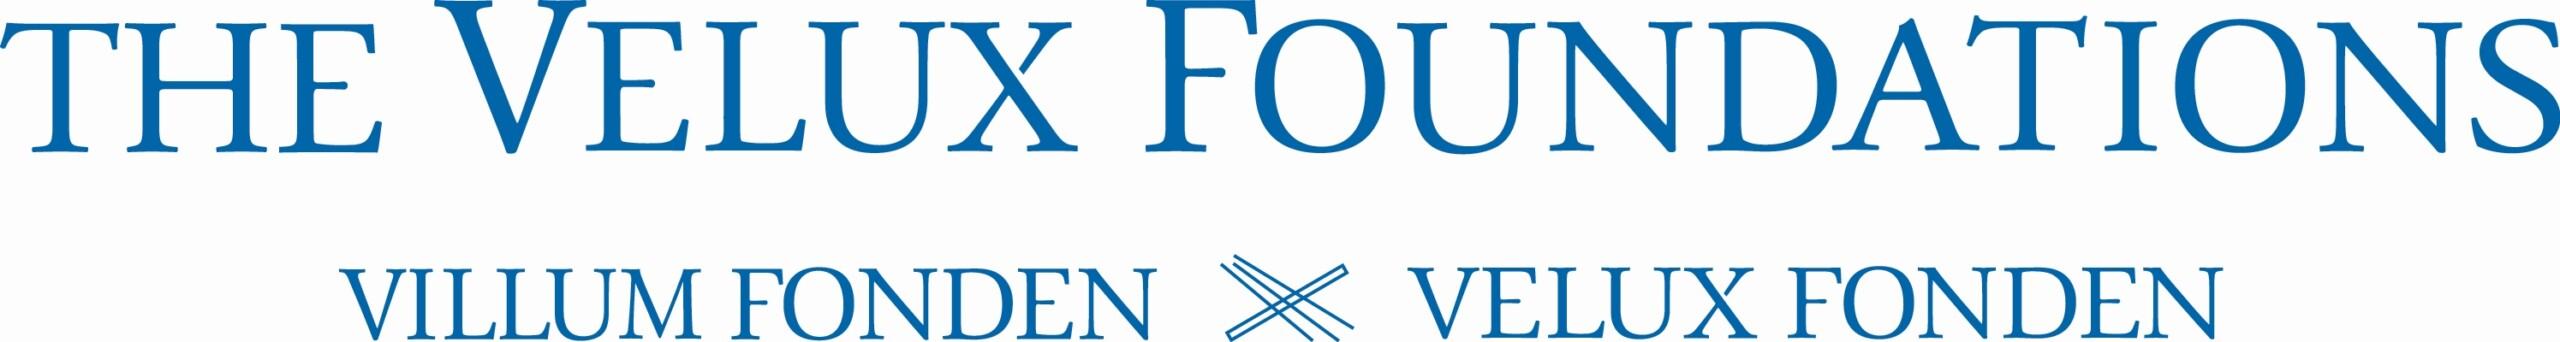 theveluxfoundations_logo